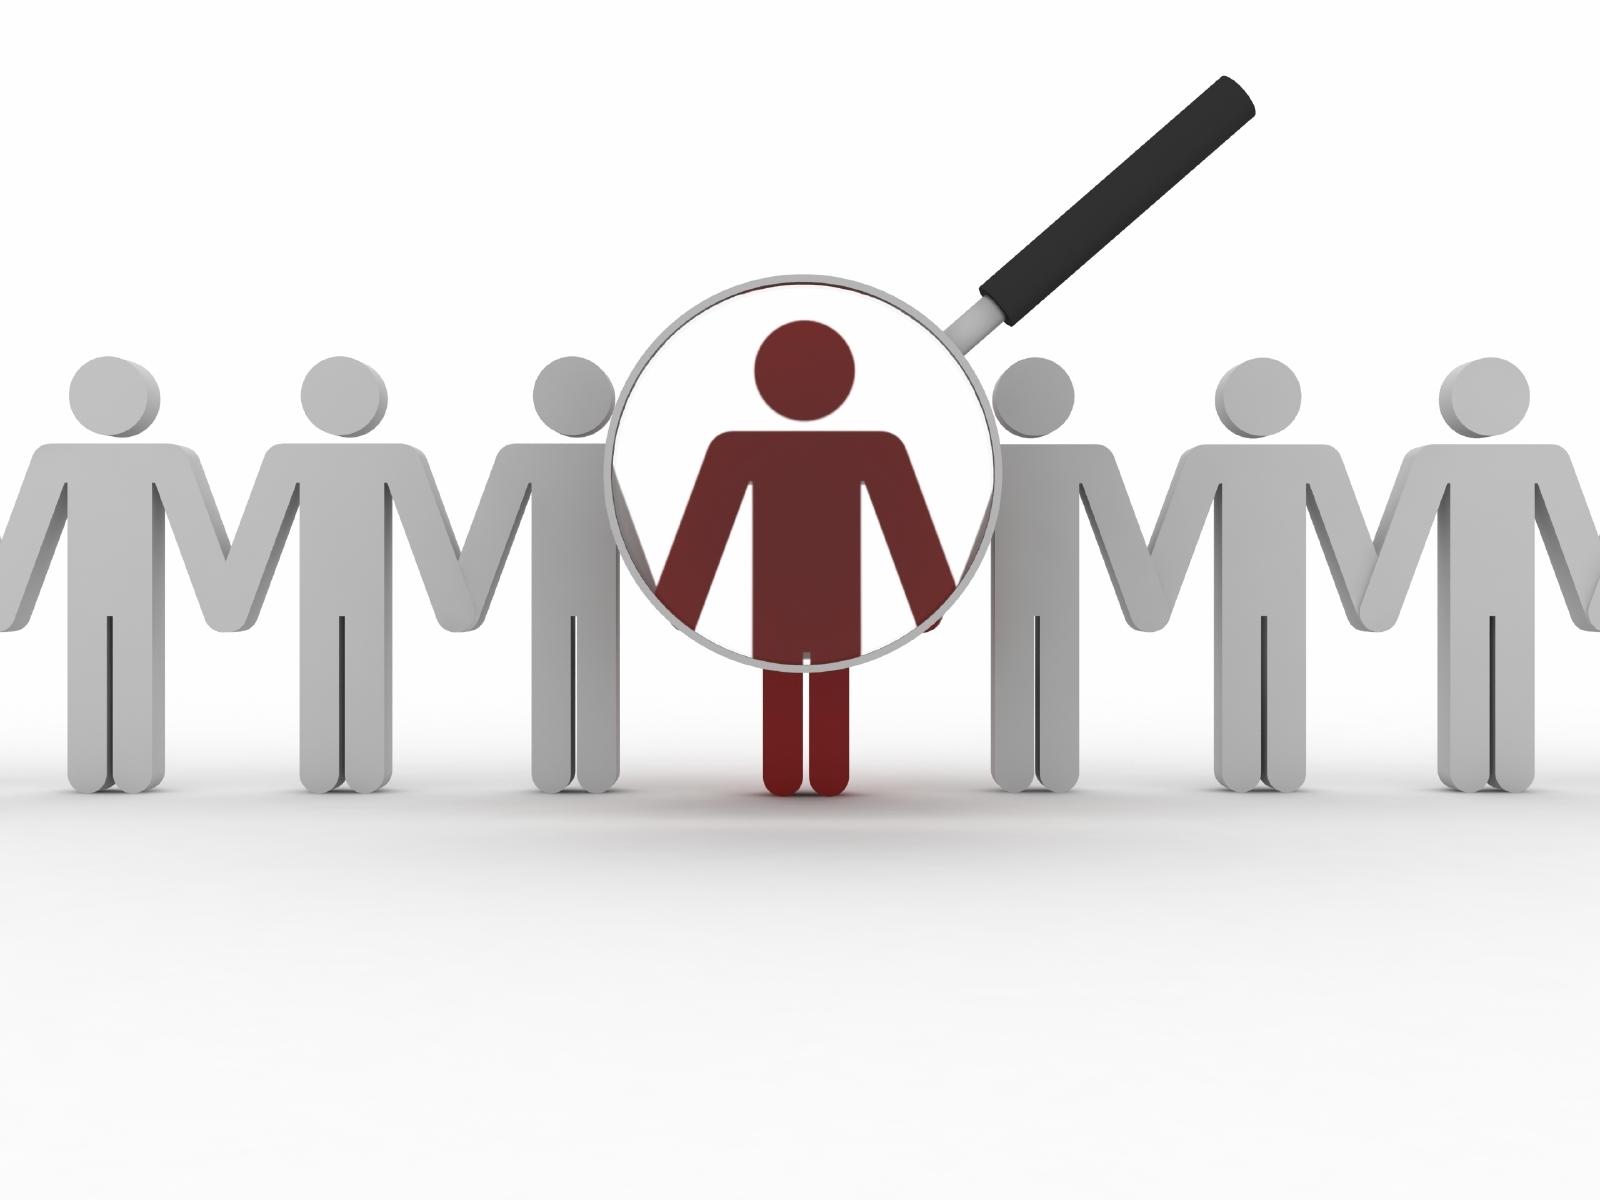 cách đăng tin tuyển dụng hiệu quả 3